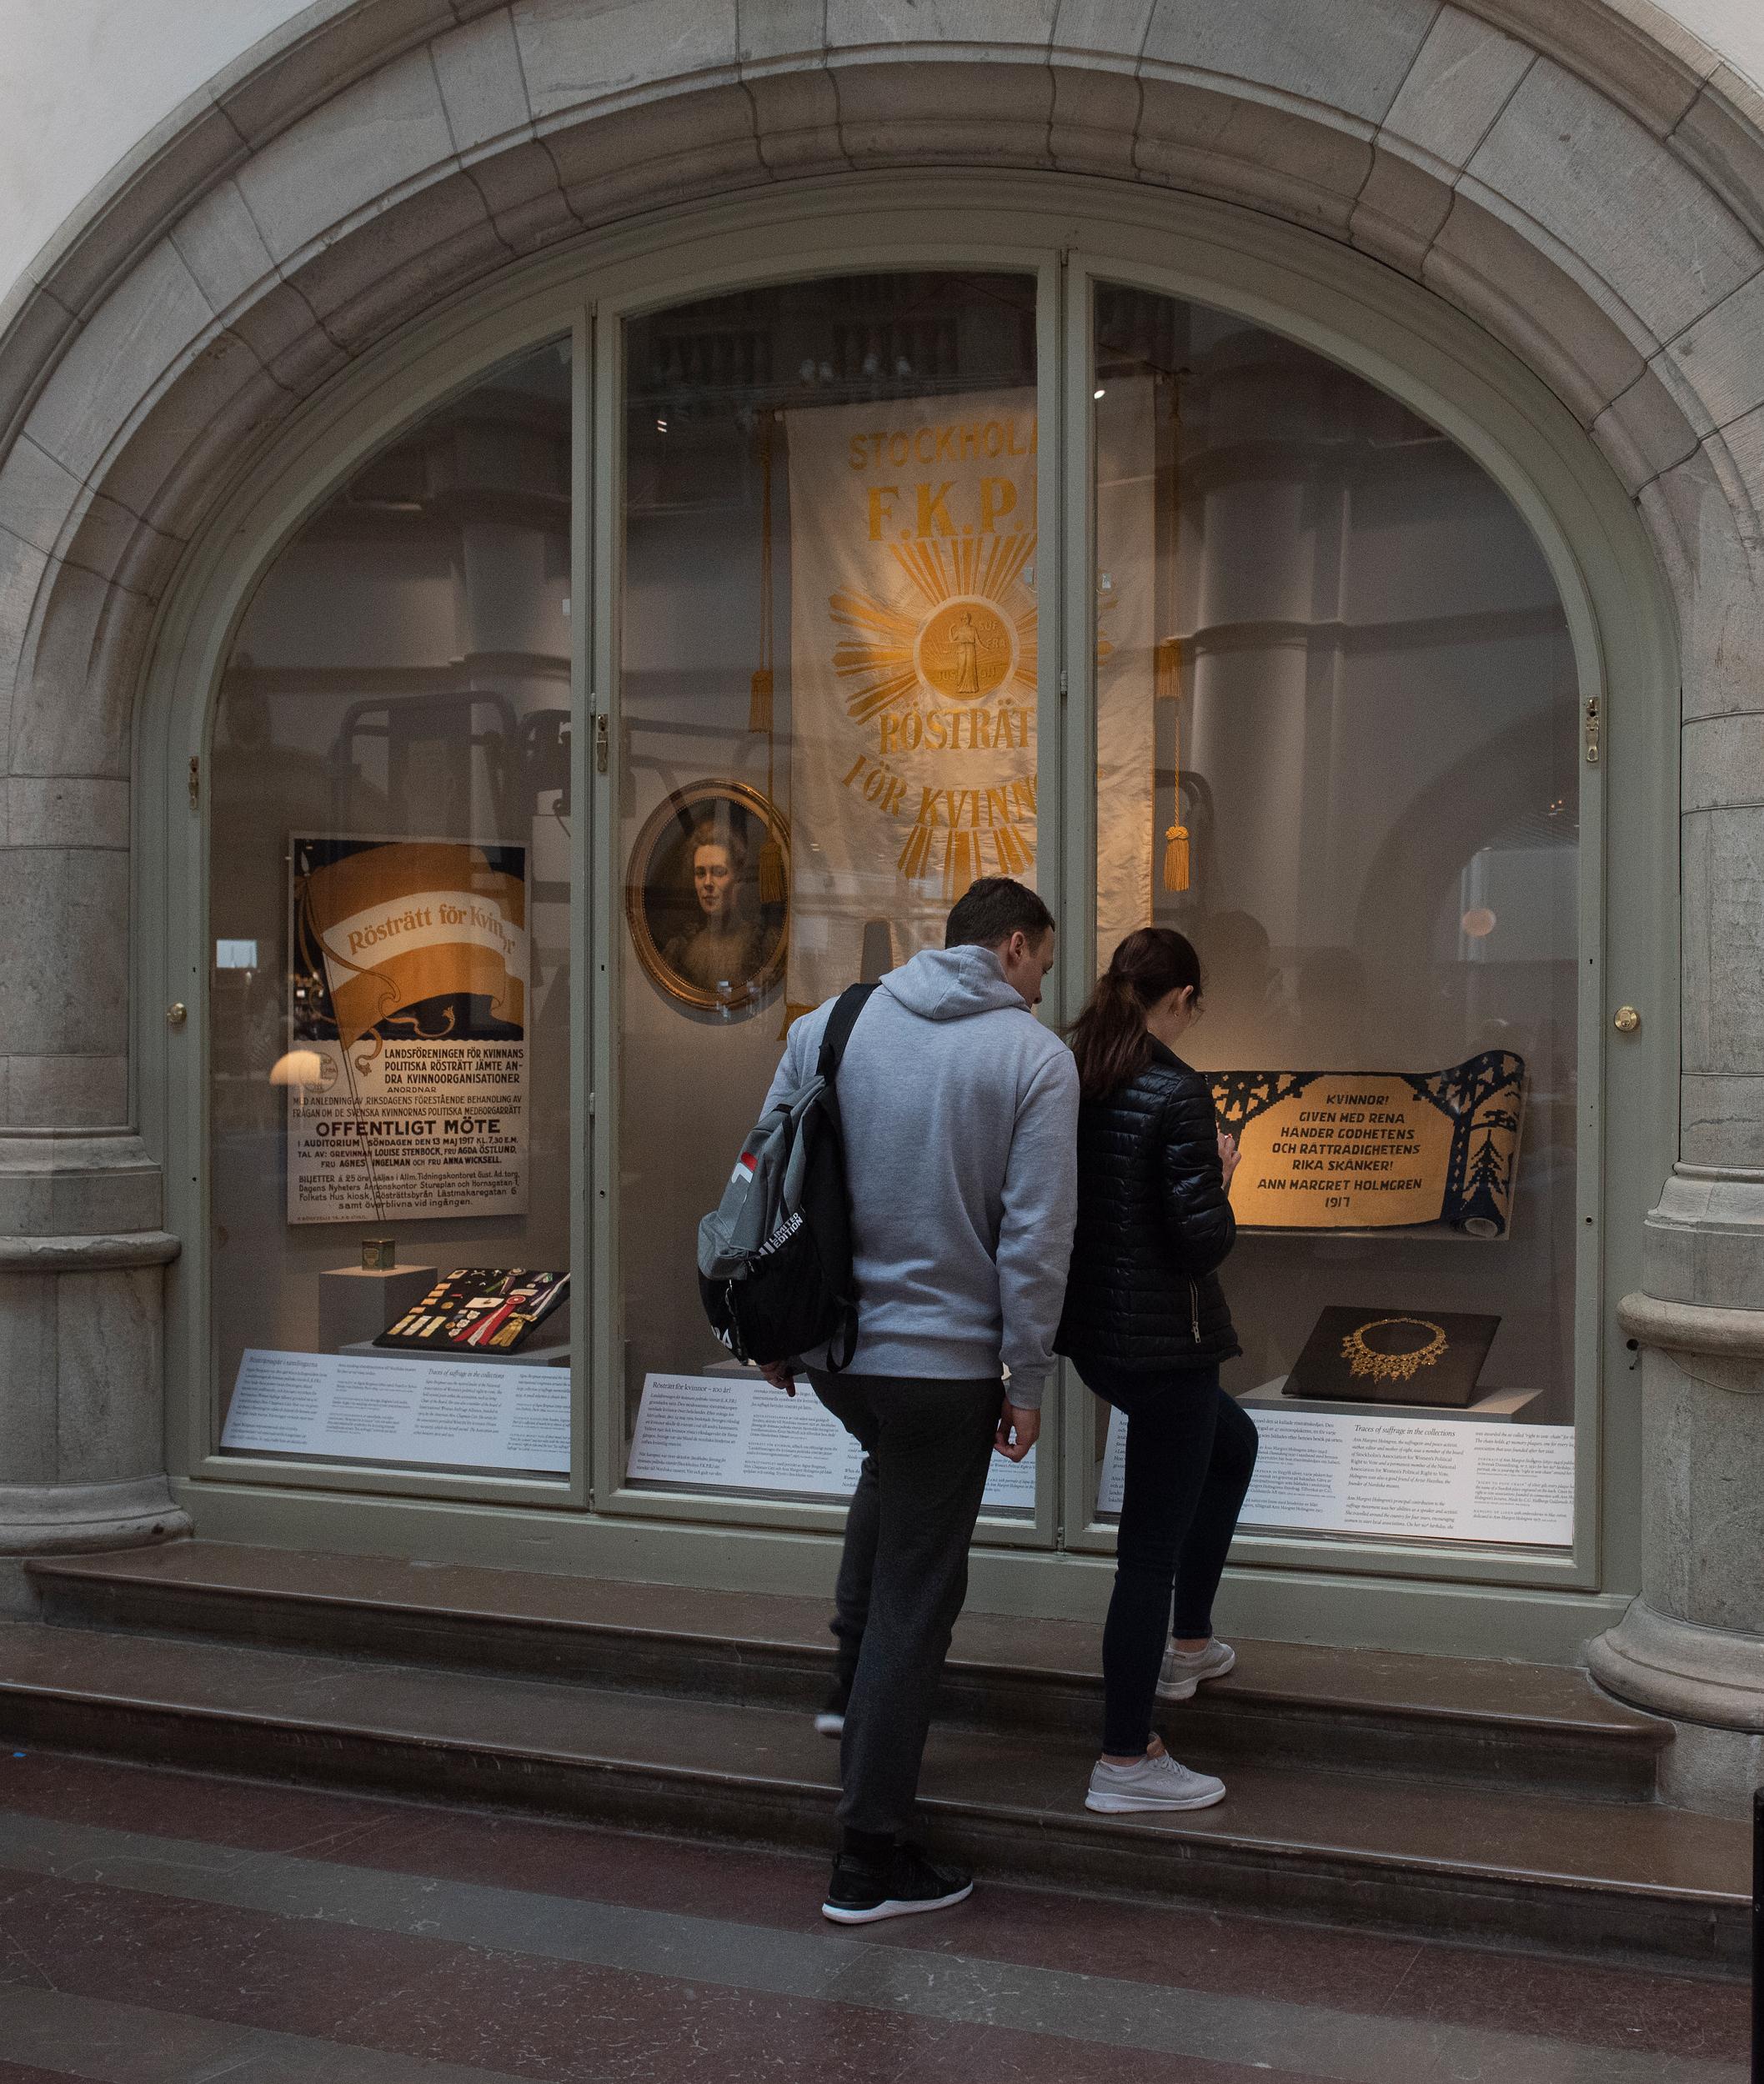 Foto: Peter Segemark och Karolina Kristensson, Nordiska museet.